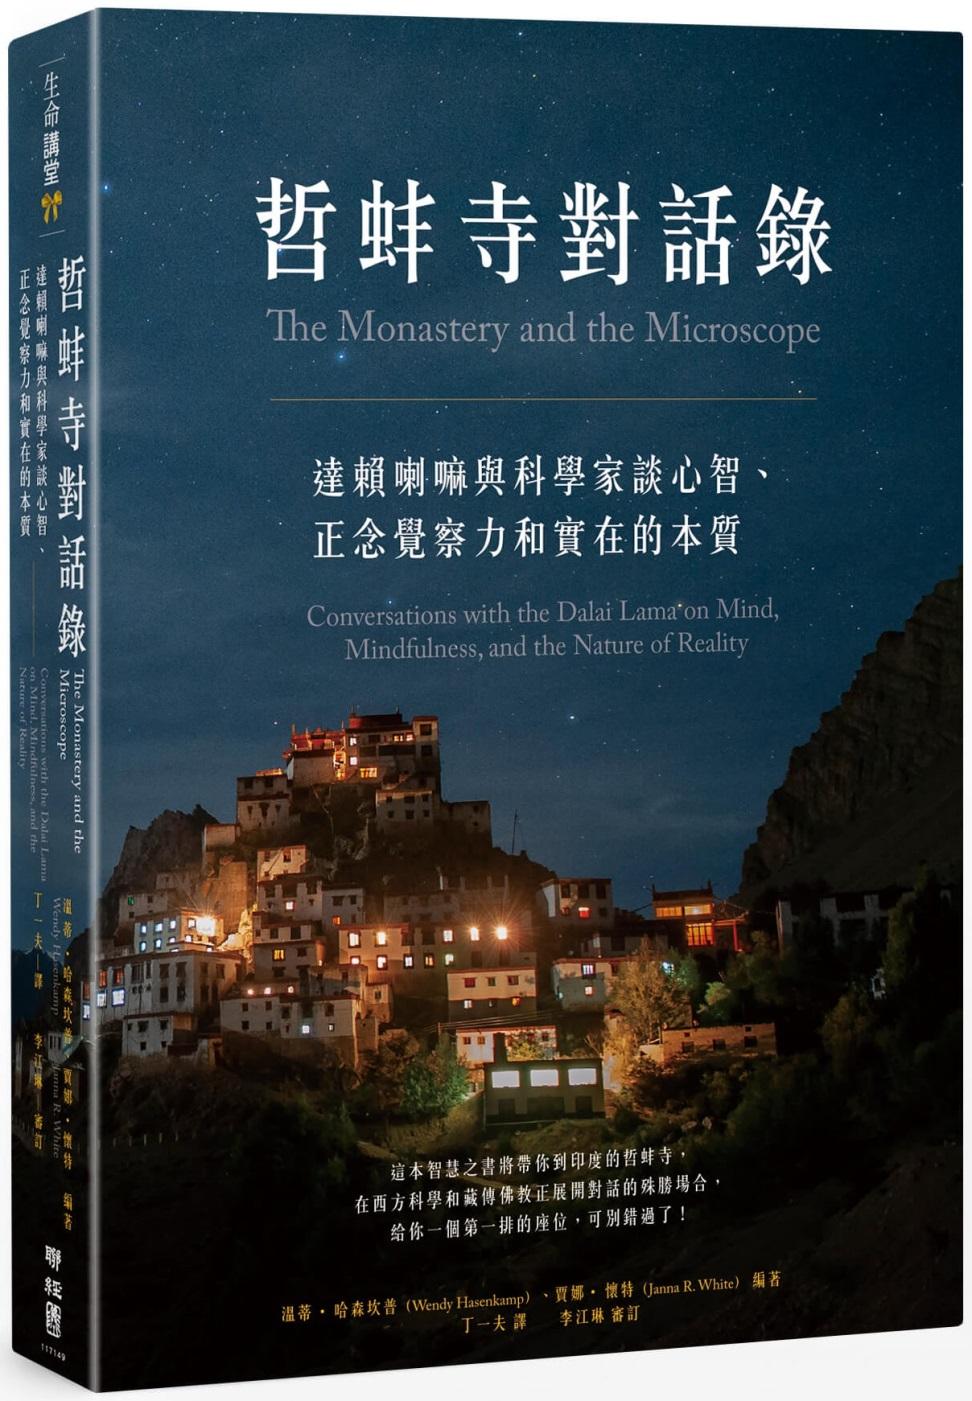 哲蚌寺對話錄:達賴喇嘛與科學家...